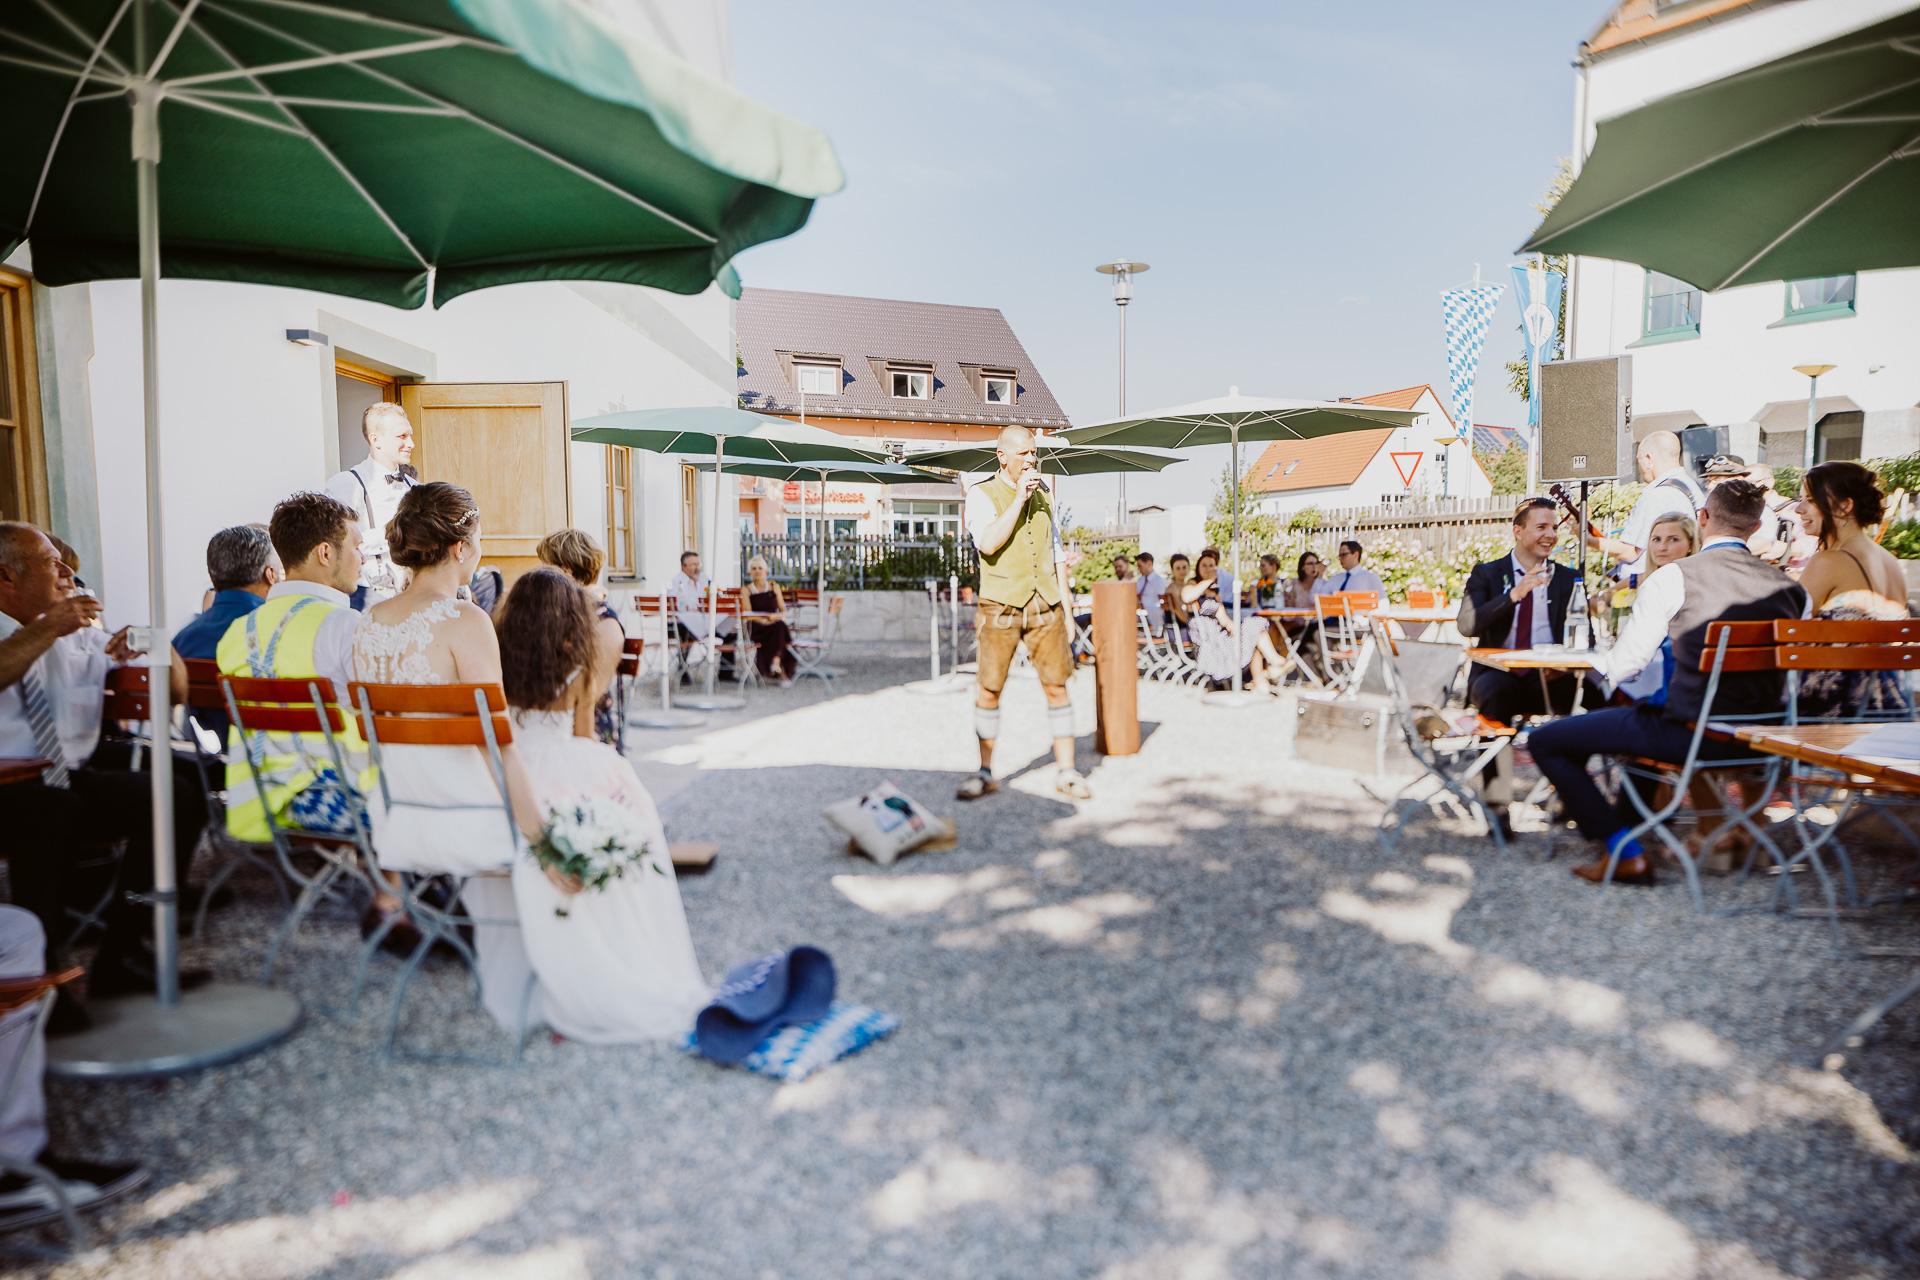 Alexander Utz, Fotografie, Hochzeit, Augsburg, Brautkleid, Brautstrauss-80